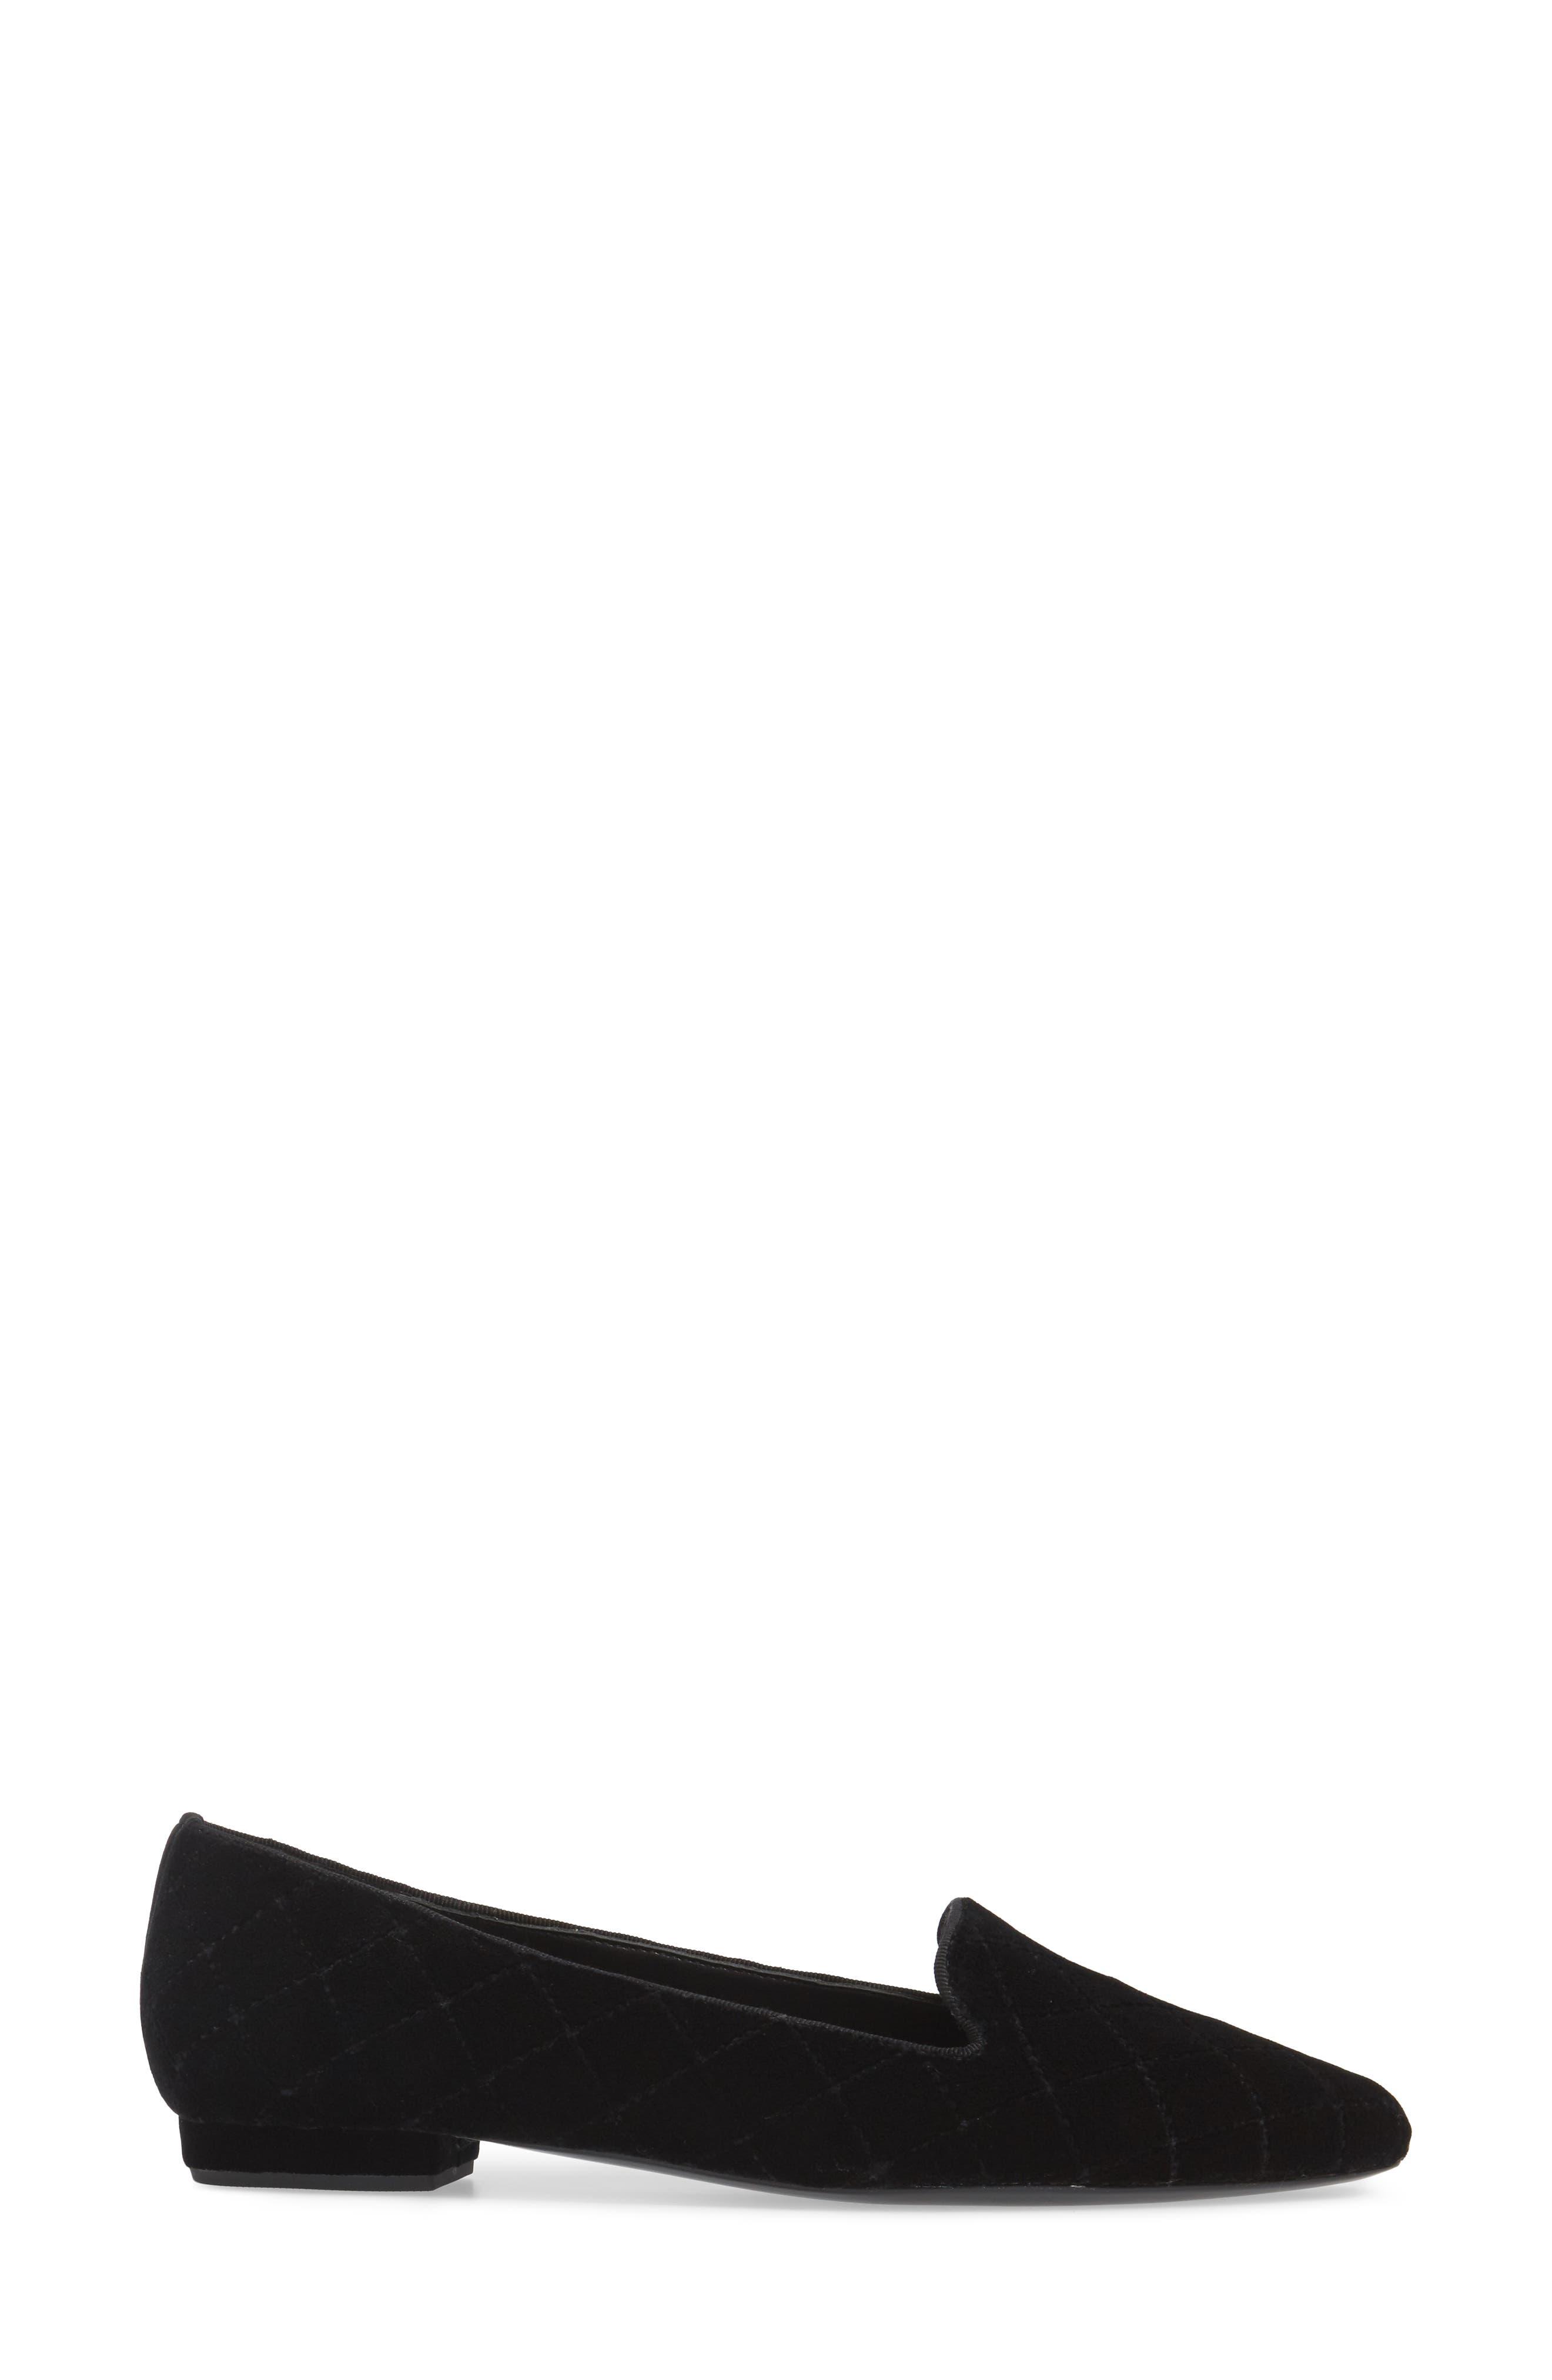 Gannie Diamond Pattern Loafer,                             Alternate thumbnail 3, color,                             Black Velvet Fabric